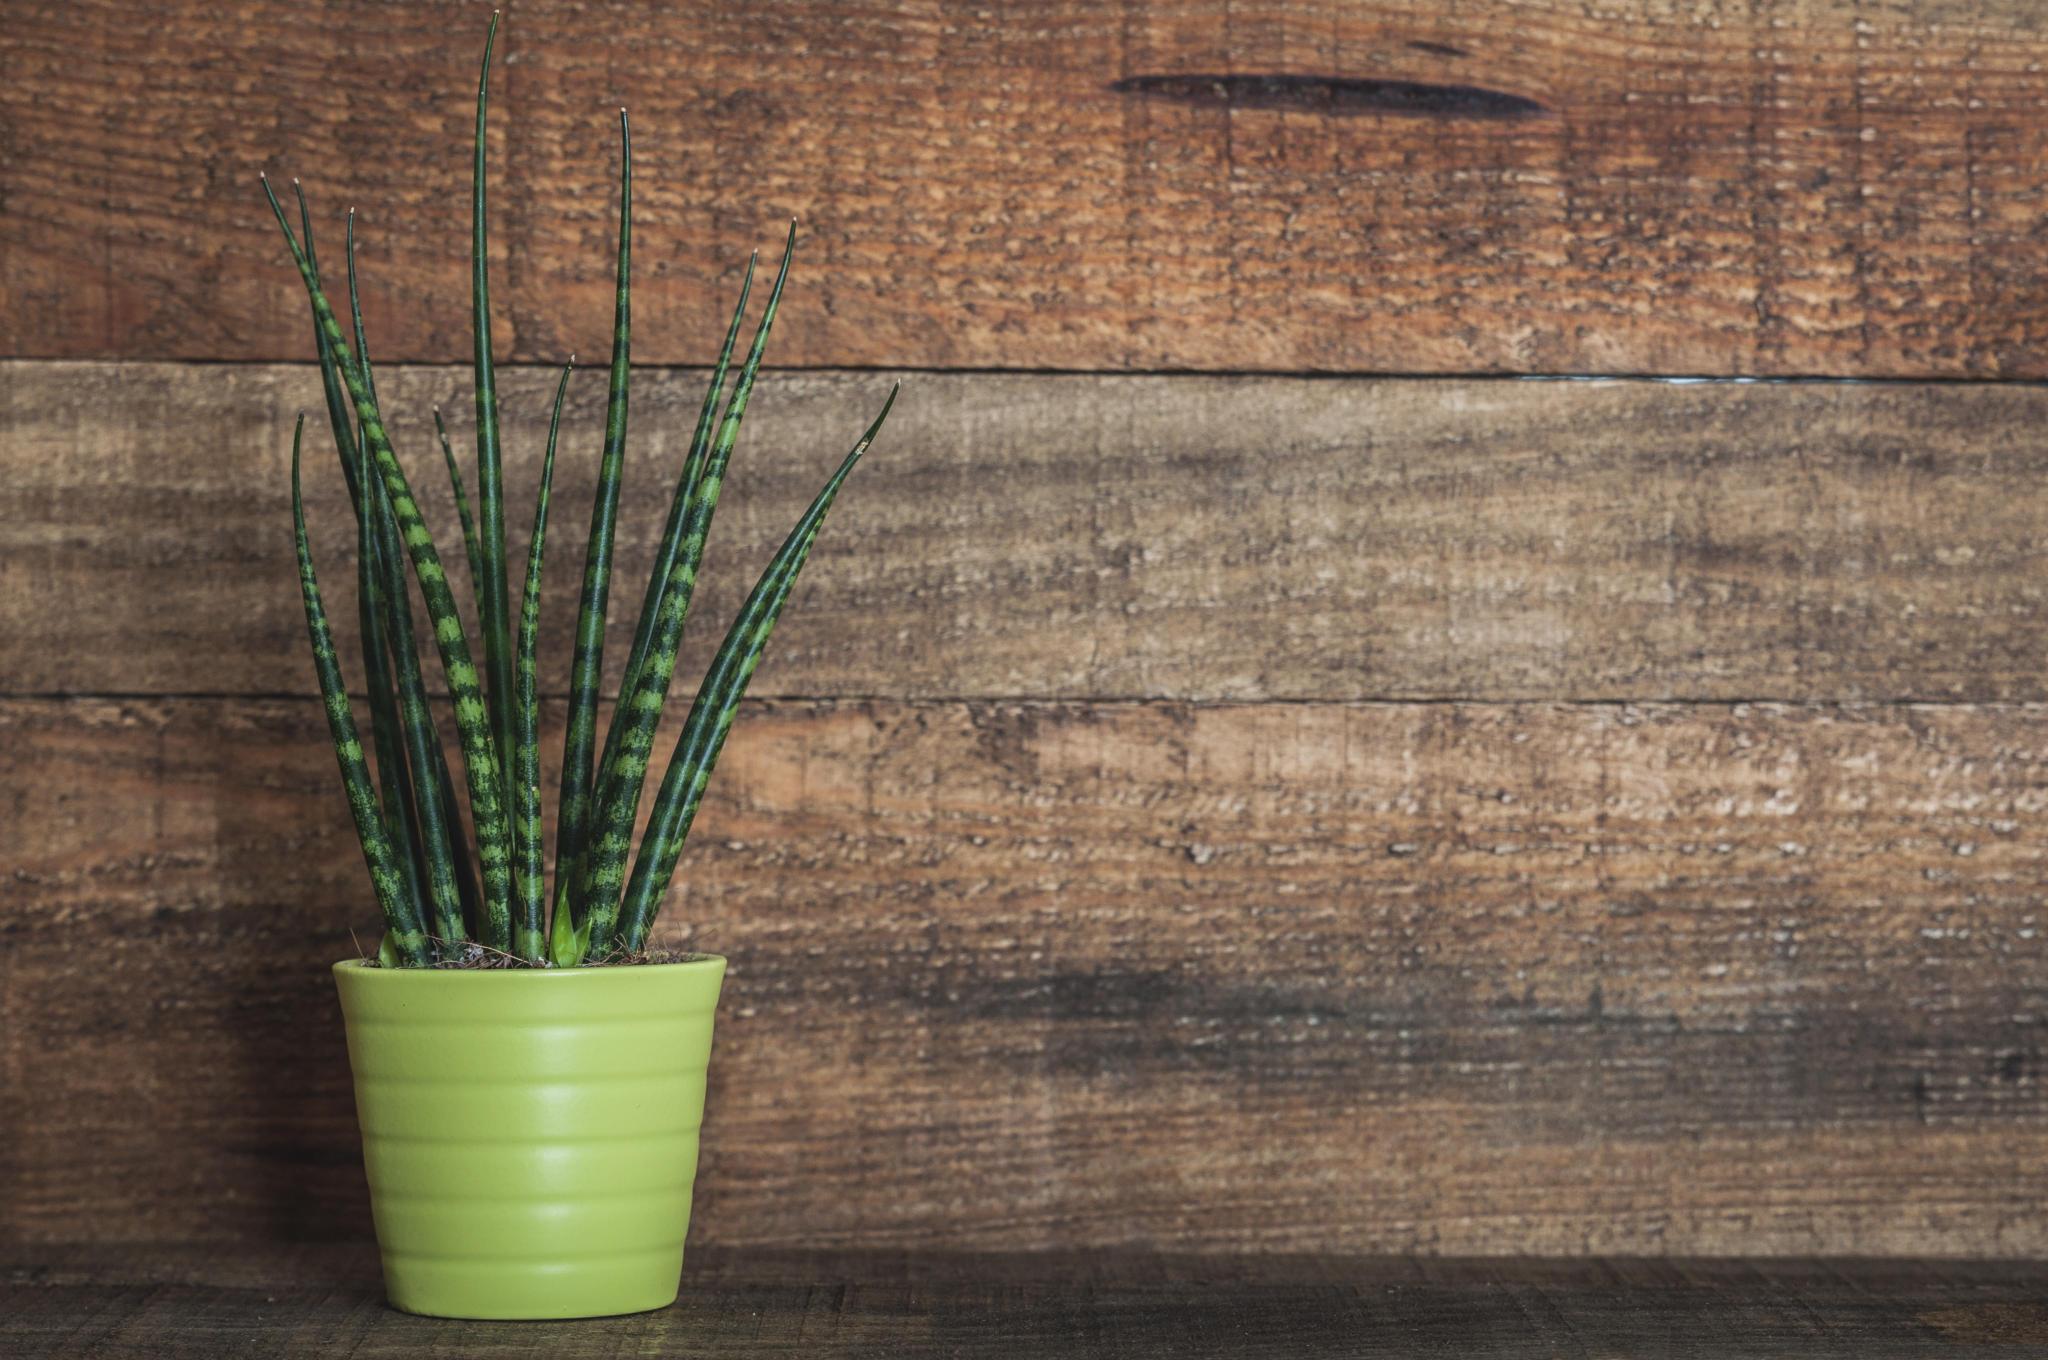 Grunpflanzen Im Schlafzimmer : Mit diesen zimmerpflanzen schlafen sie richtig gut